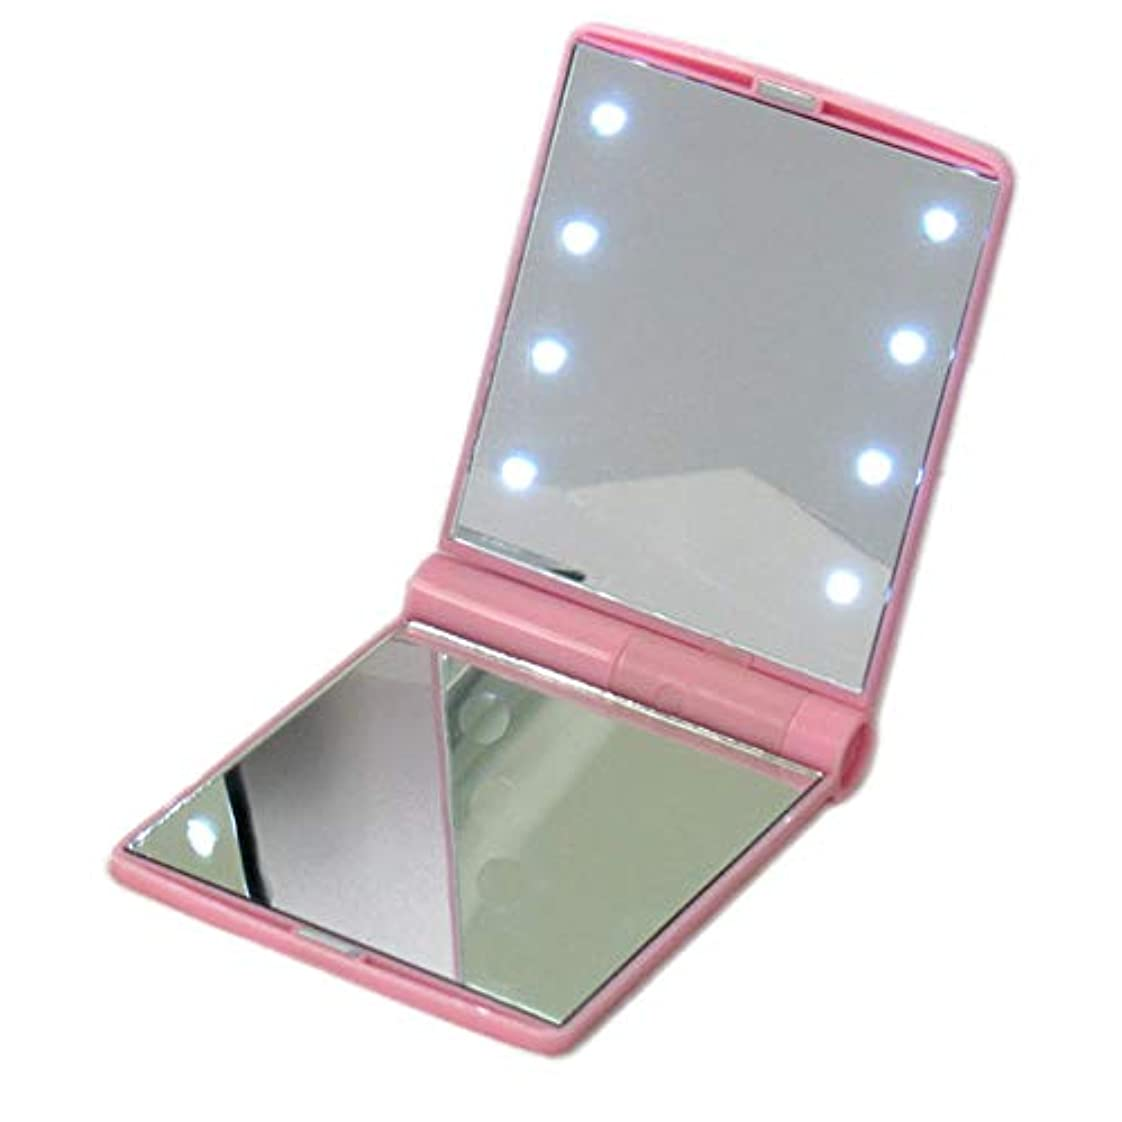 無線アンティーク版Snner 化粧鏡 LEDライト付き ミラー 手鏡 折り畳み式 メイクミラー ナイトライト ピンク